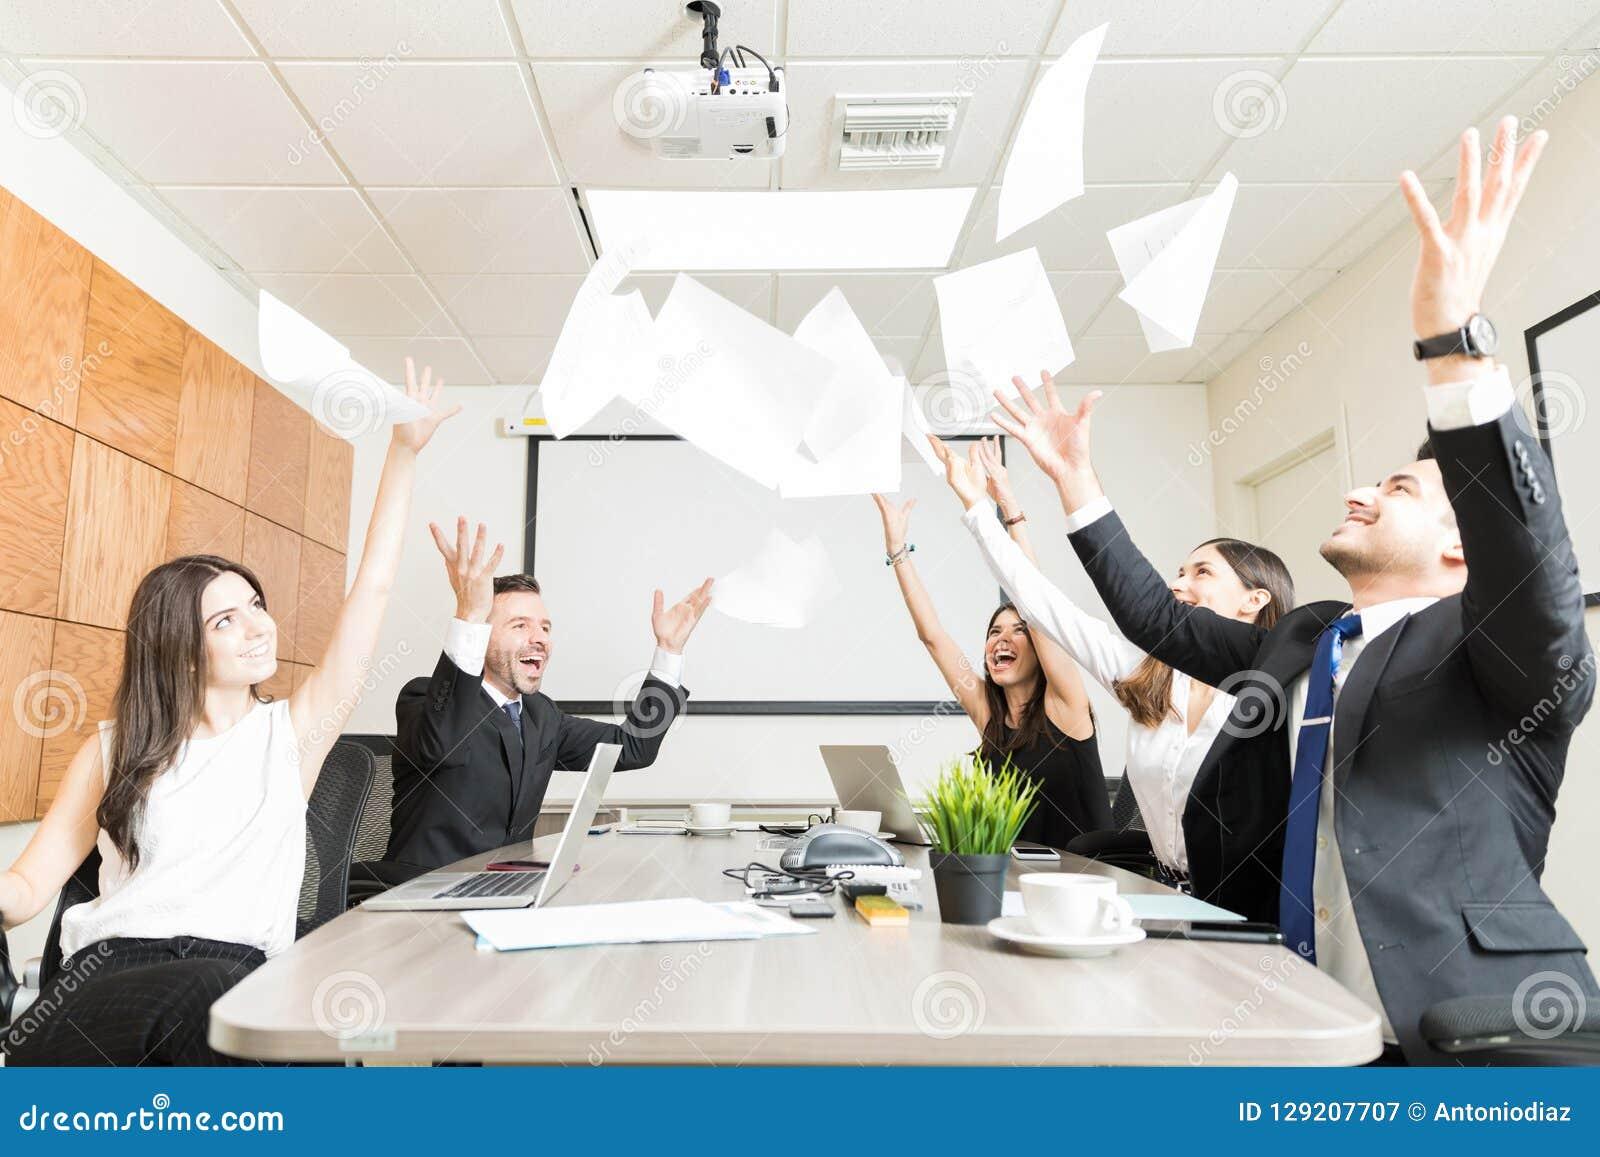 FörsäljningsTeam Enjoying With Documents In kontor